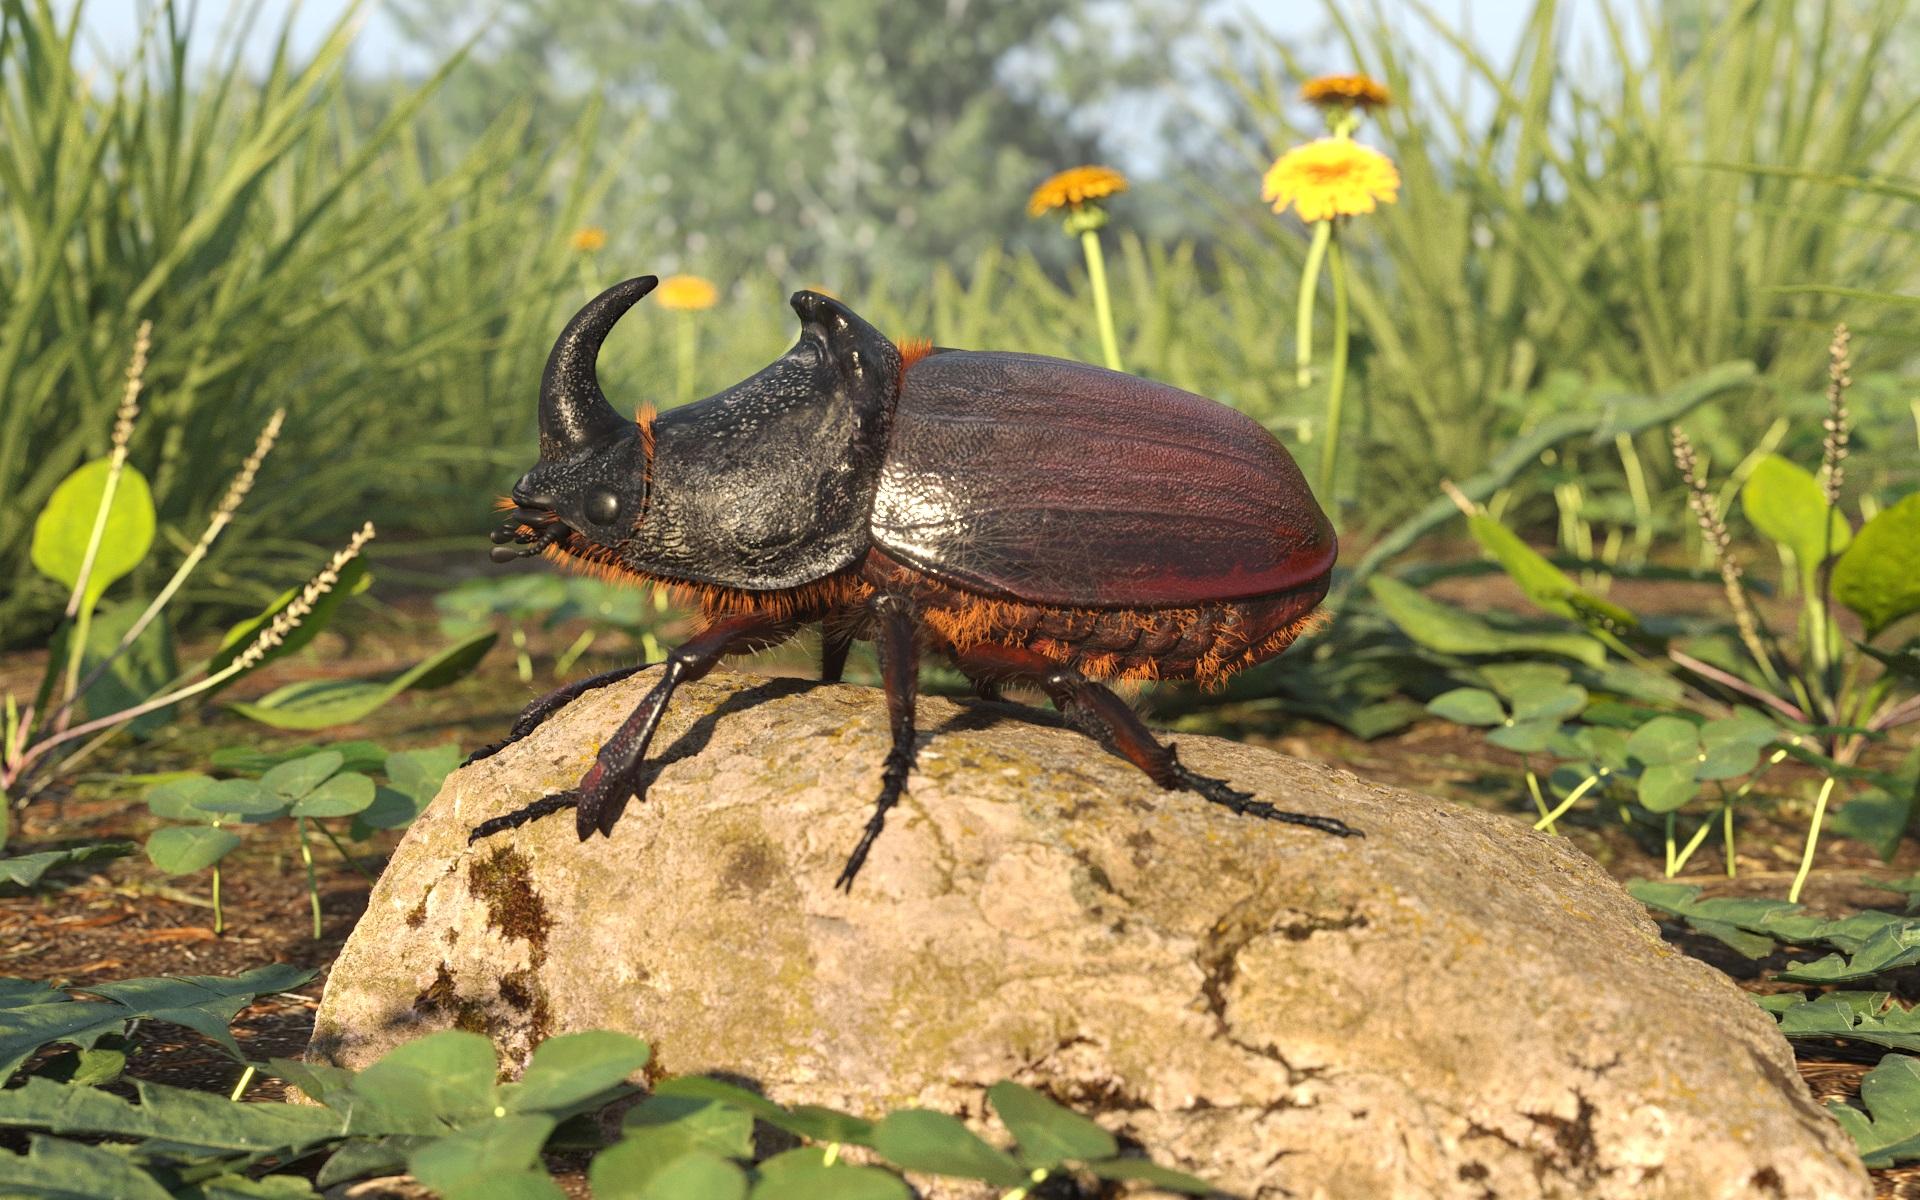 Rhinoceros beetle in 3d max corona render image